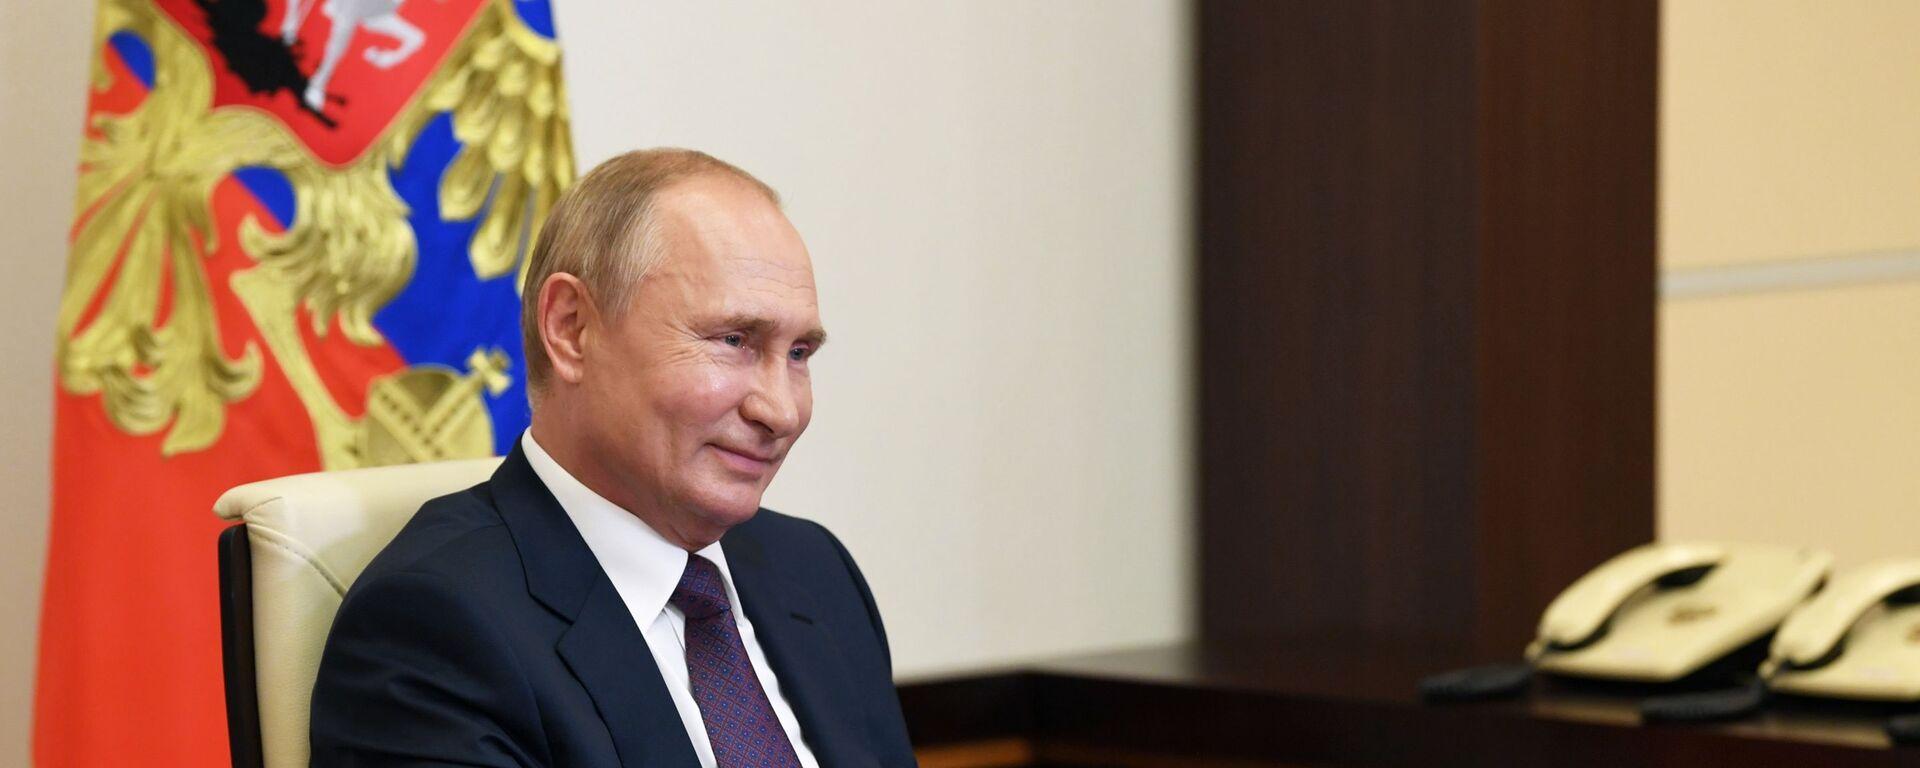 Президент РФ Владимир Путин - Sputnik Таджикистан, 1920, 29.10.2020